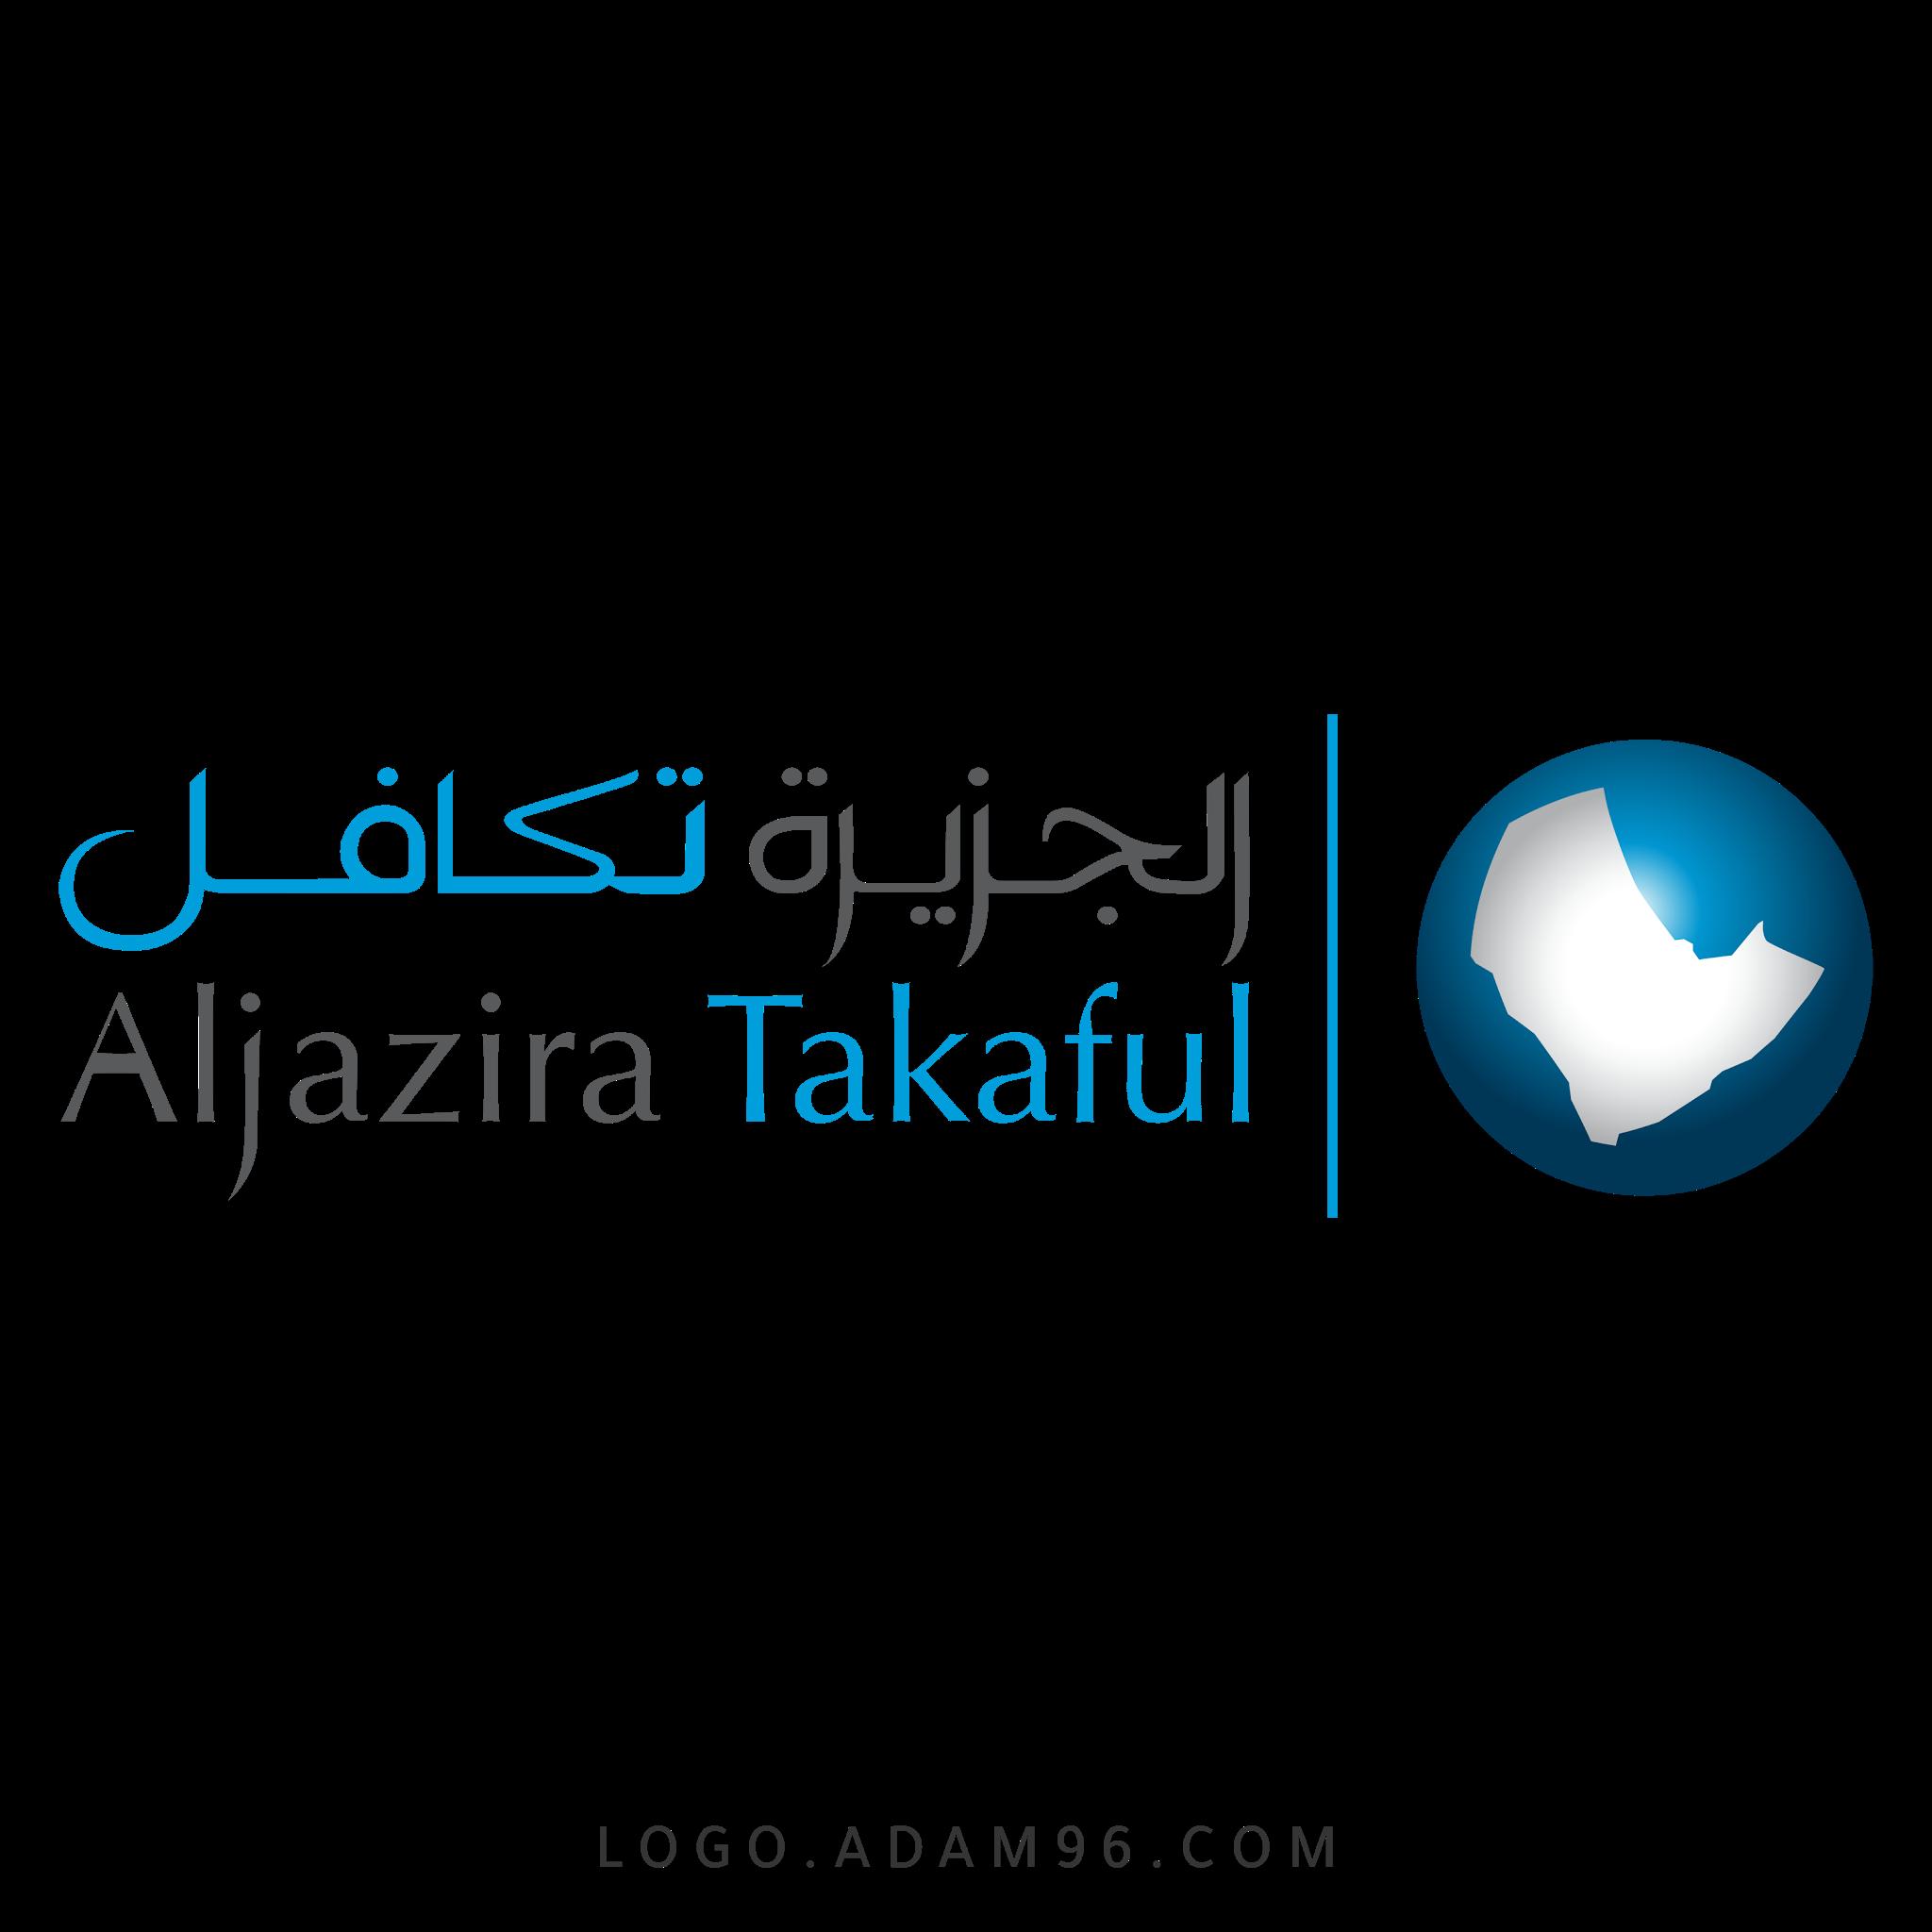 تحميل شعار شركة الجزيرة تكافل لوجو رسمي عالي الجودة PNG